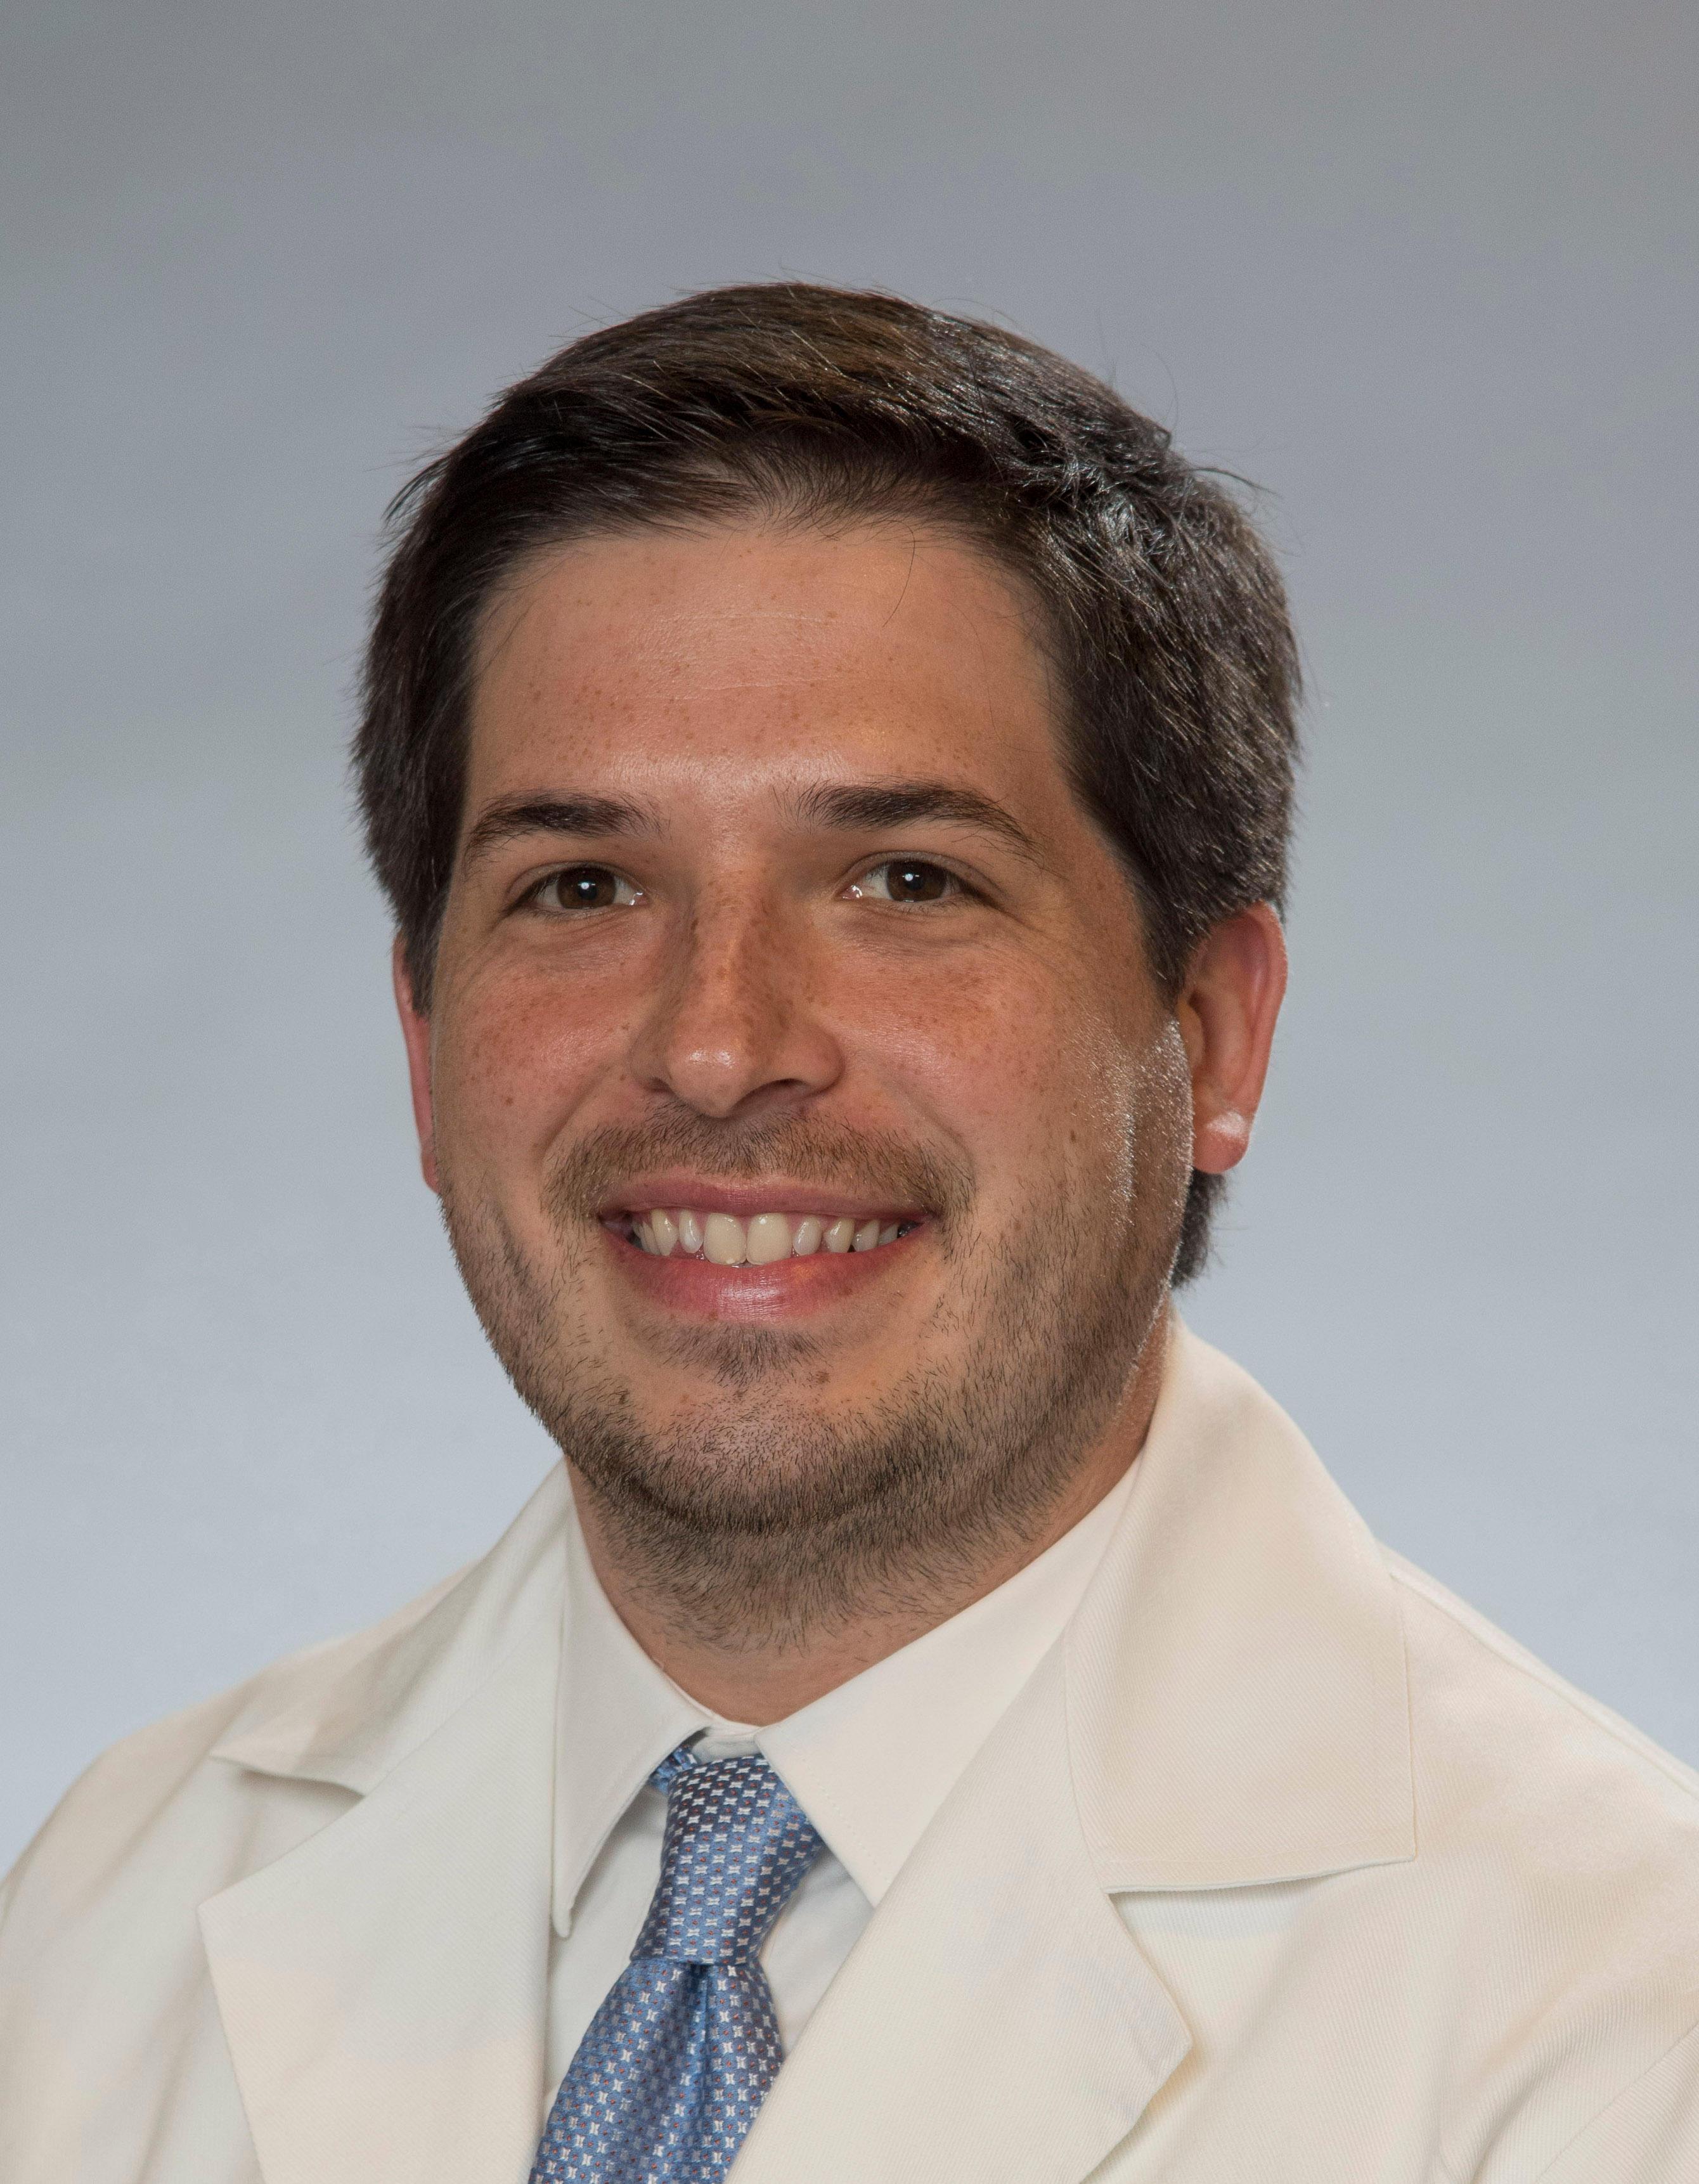 Nicholas Clayton, MD